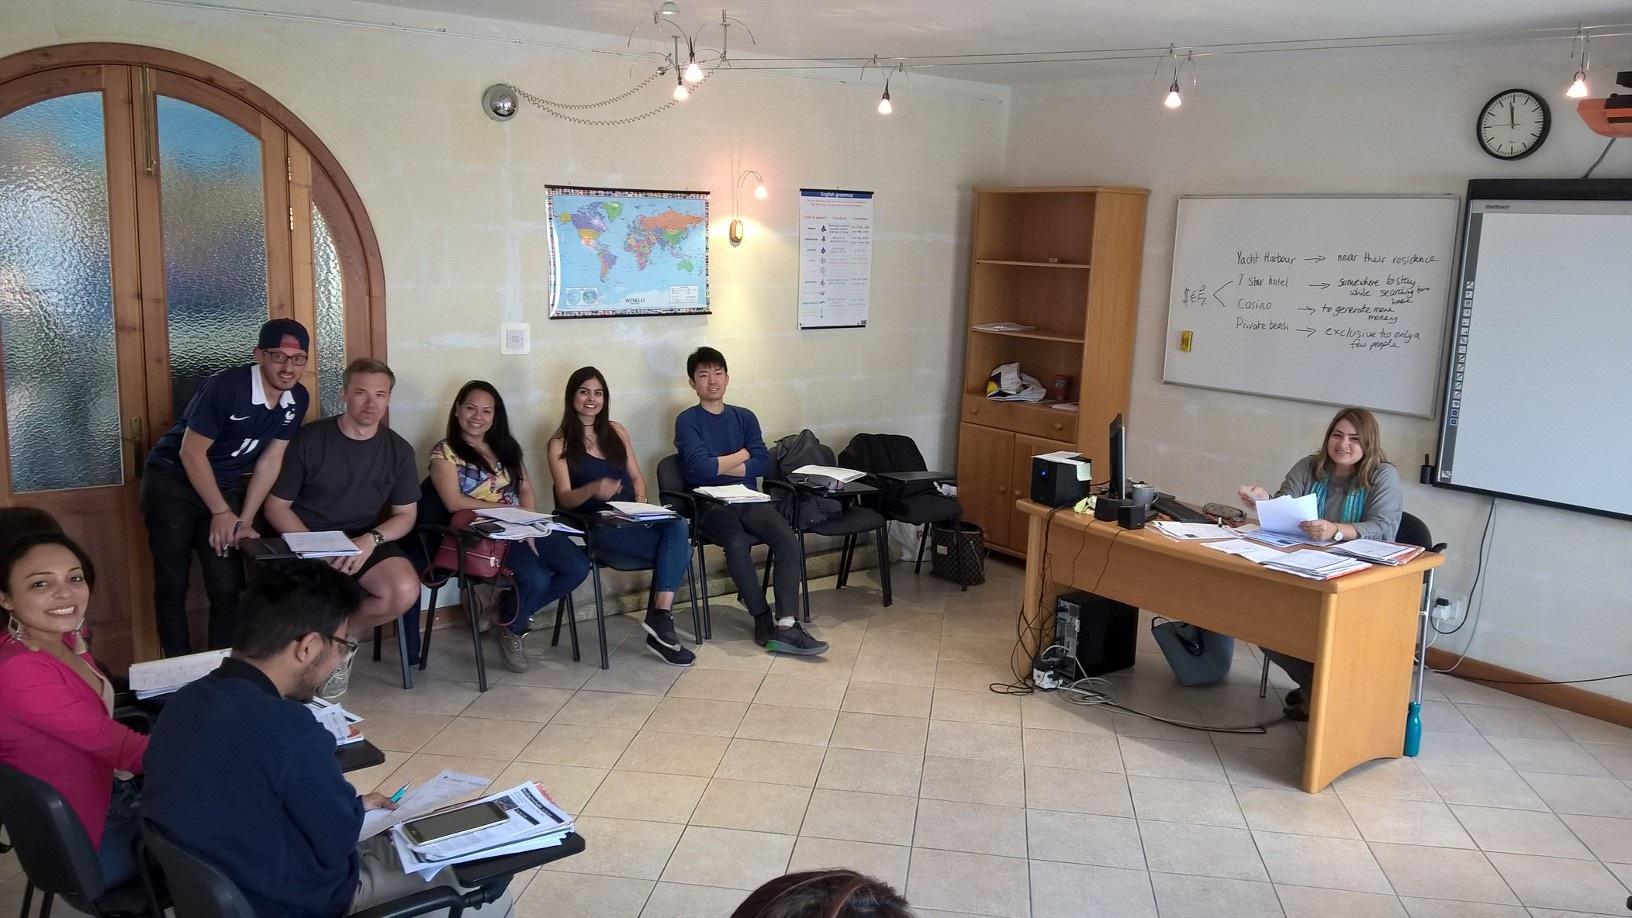 Gateway School of English GSE Malta kurzy obecné angličtiny malta a obchodní angličtina kurzy angličtiny lekce malta